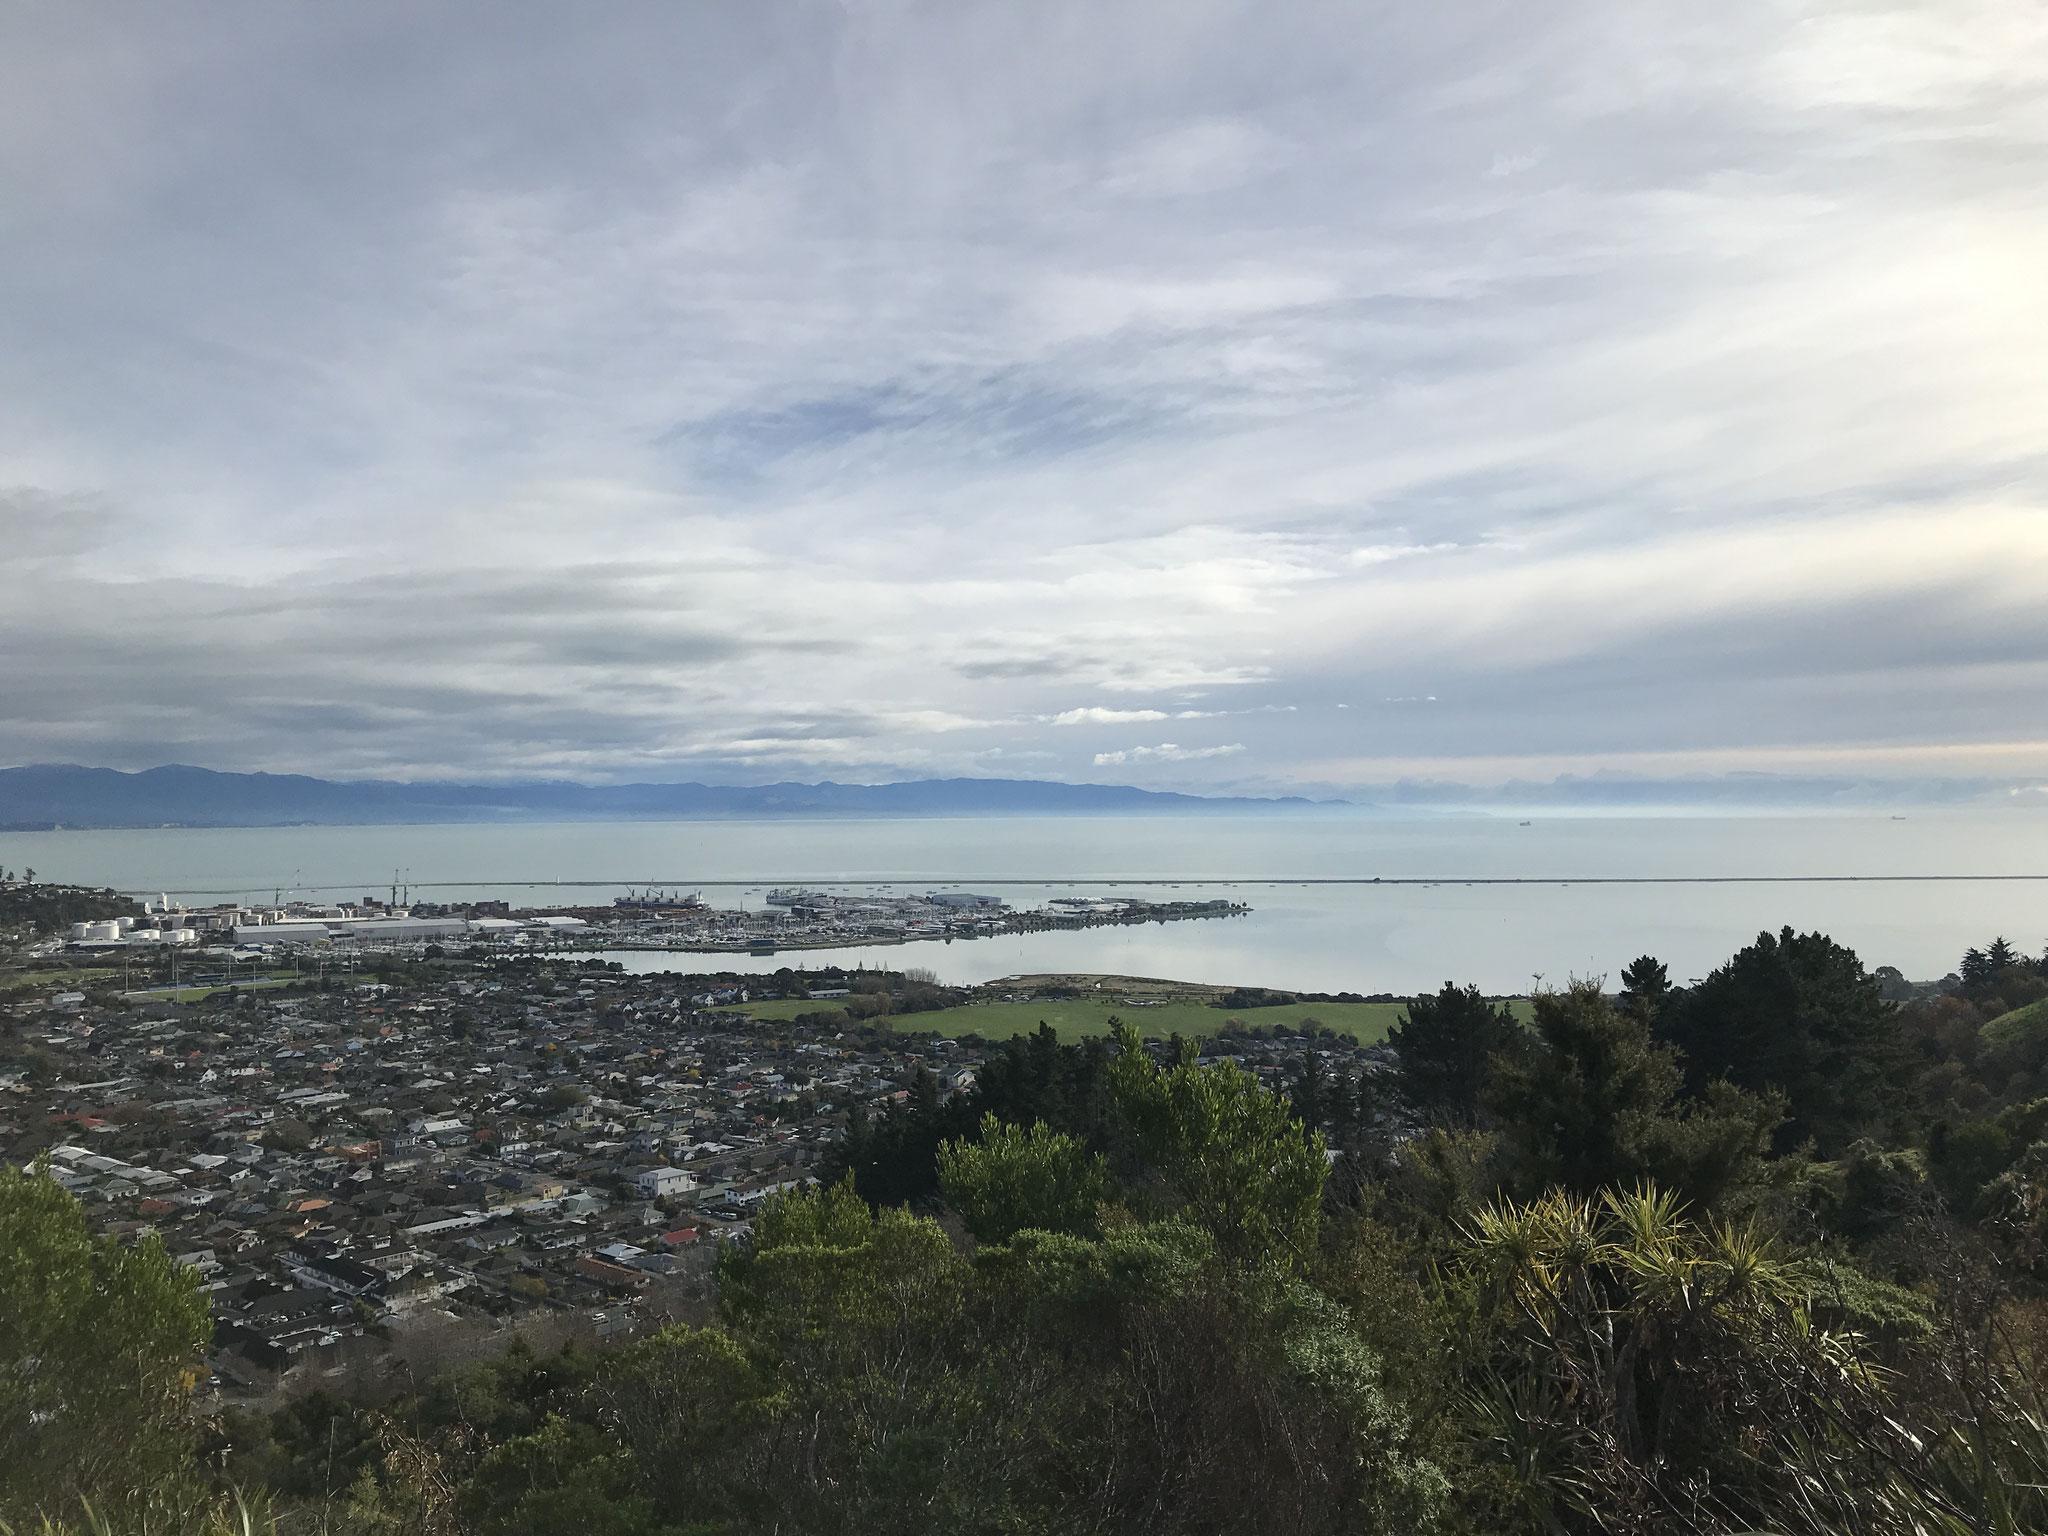 センターオブニュージーランドから見渡す景色